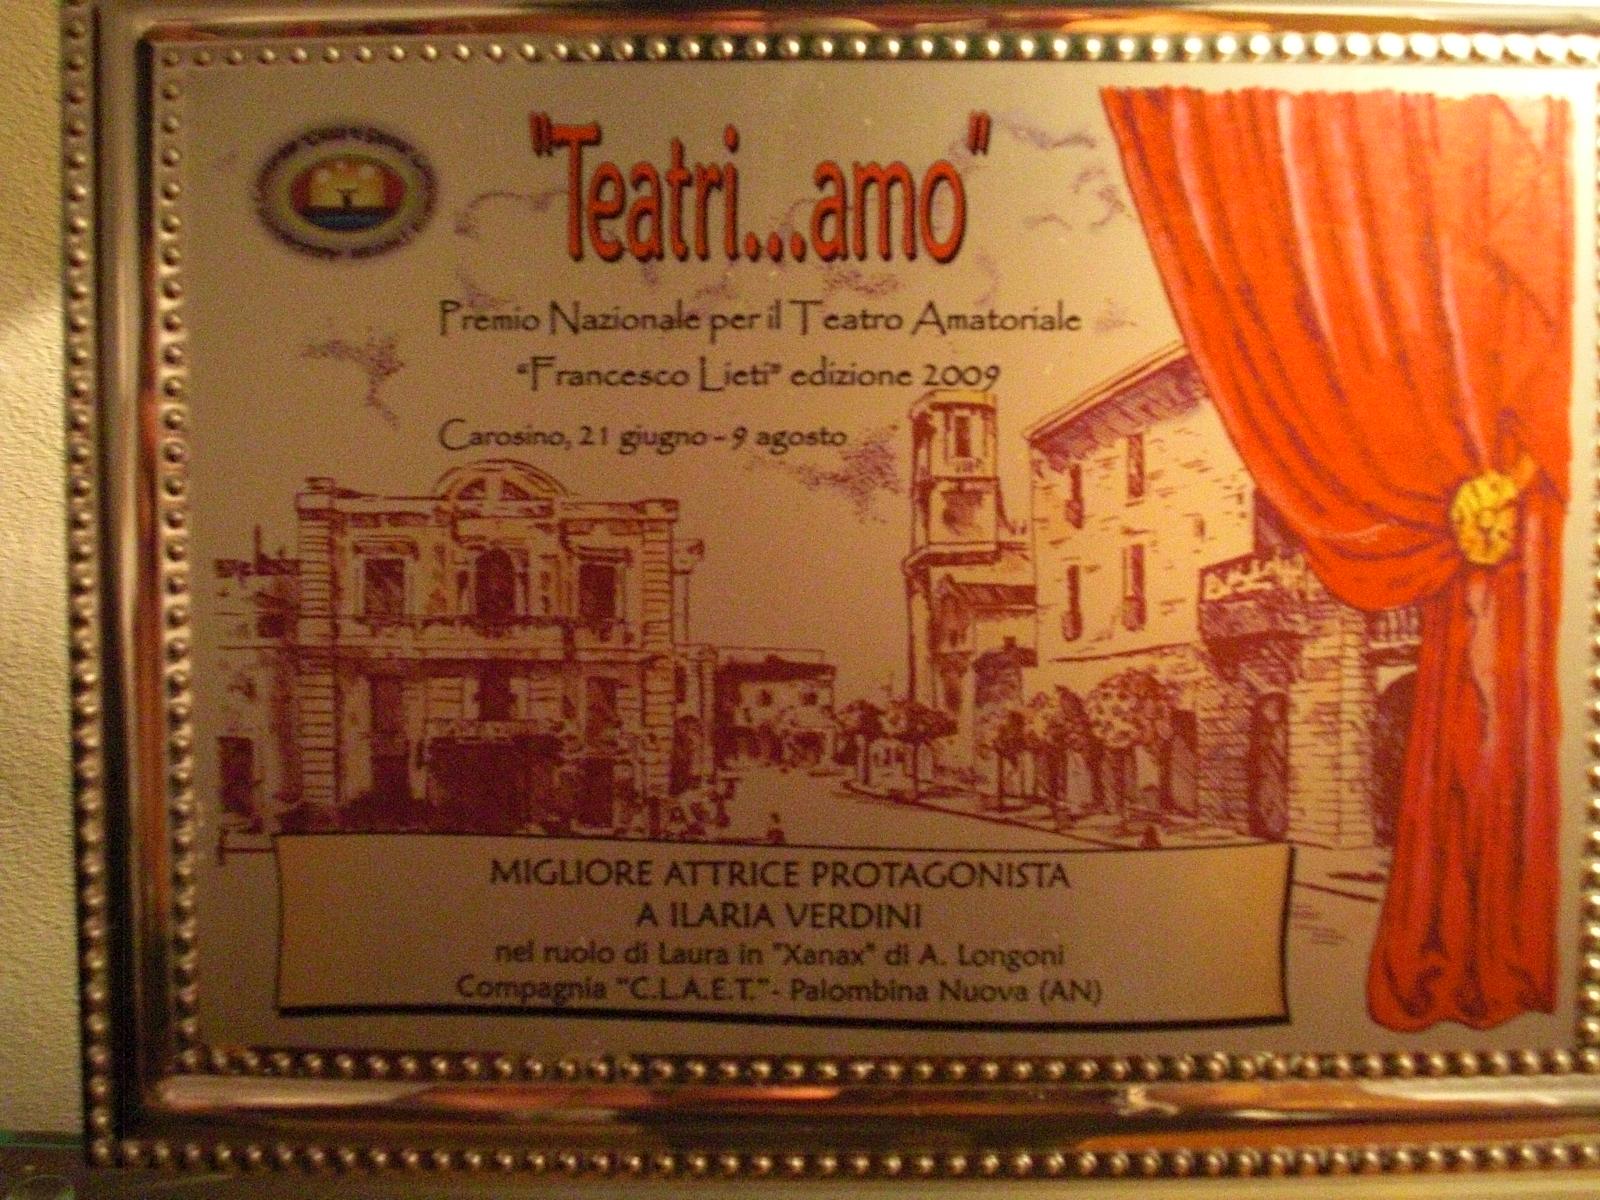 Premio miglior attrice protagonista al Teatri…amo 2009 d Carosino (Ta) (Xanax)